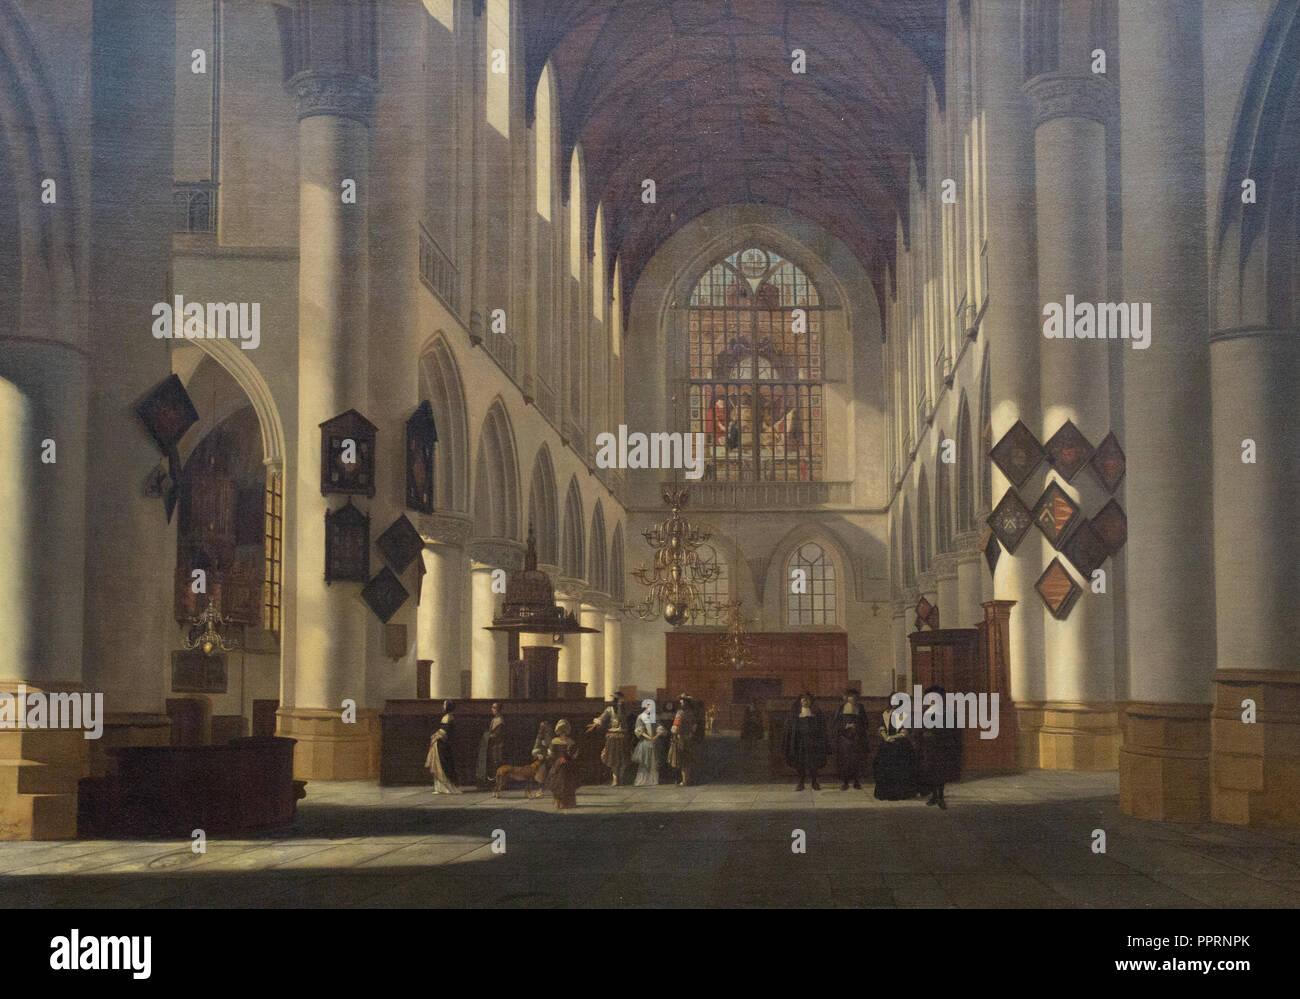 Job Adriaensz Berckheyde - Interieur van de Grote St. Bavokerk te Haarlem. 1668 Stockbild